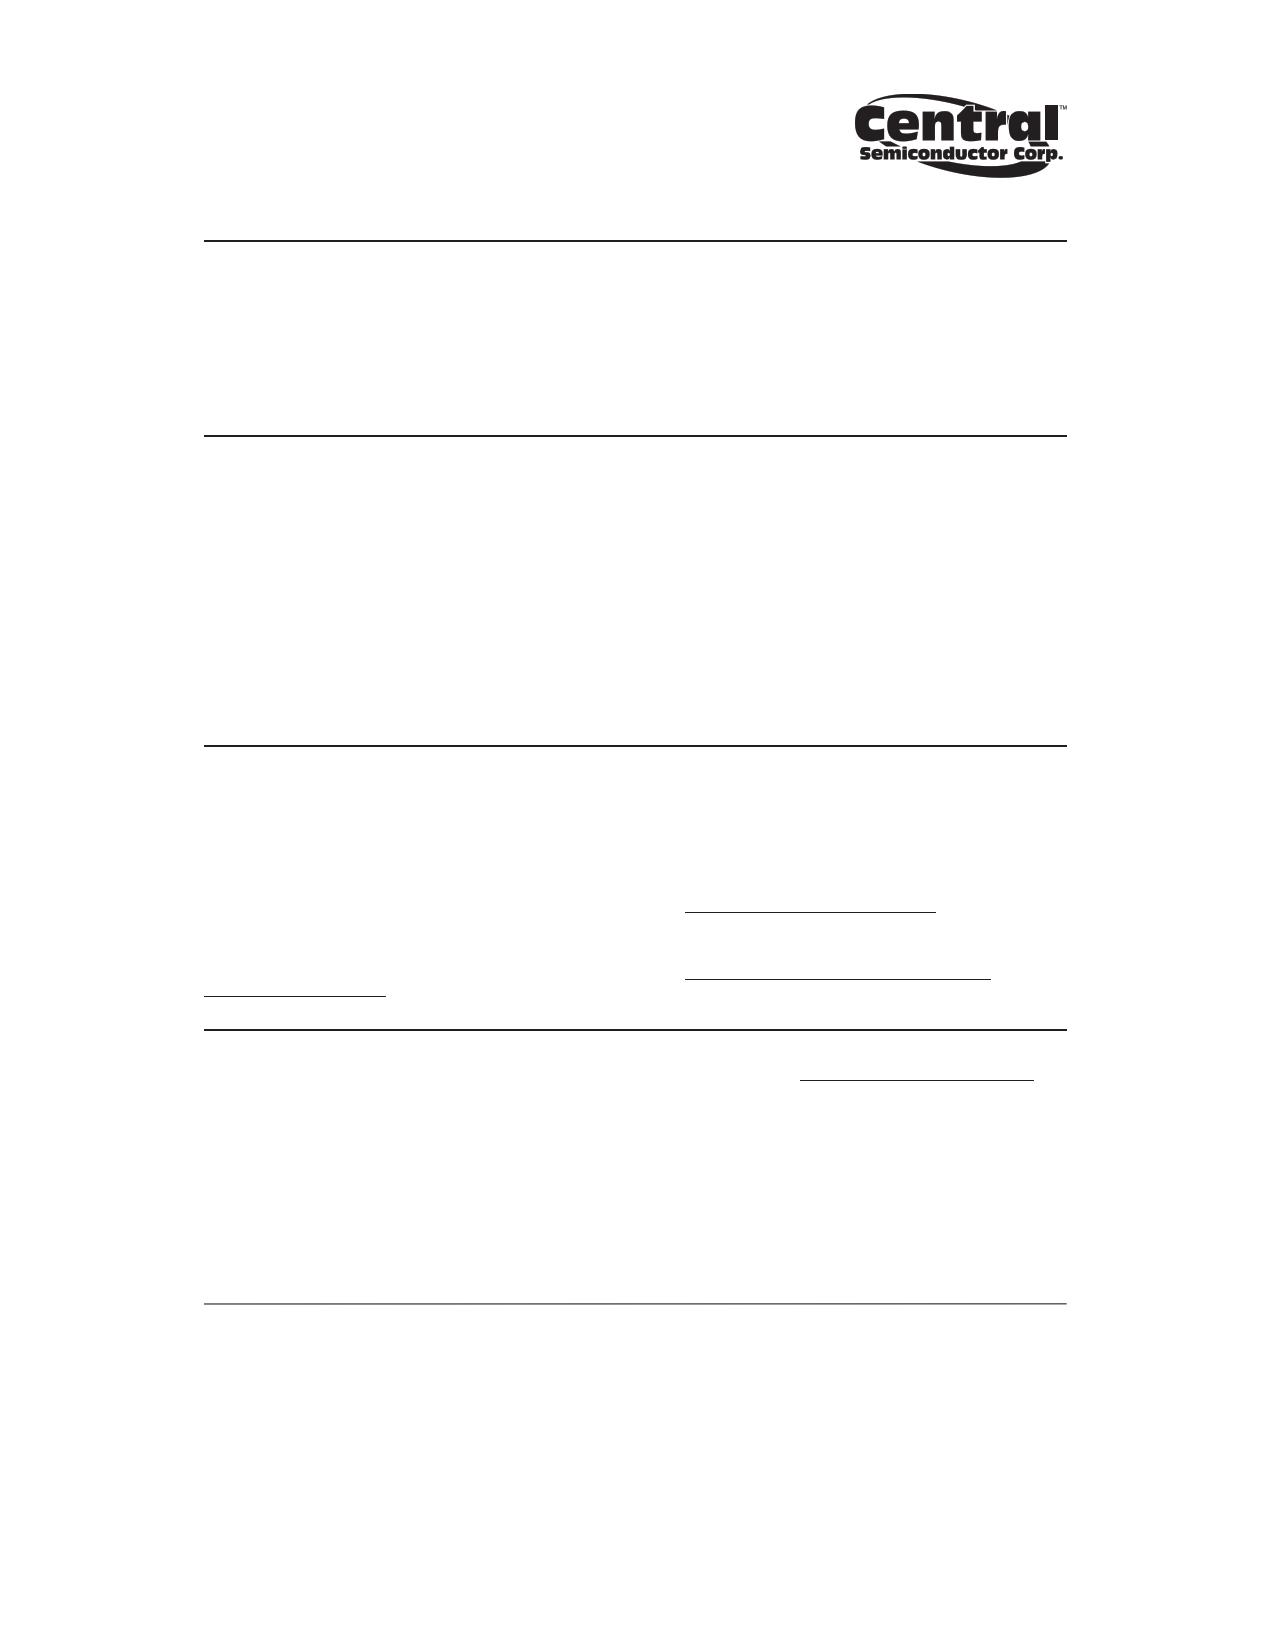 2N4341 pdf, ピン配列